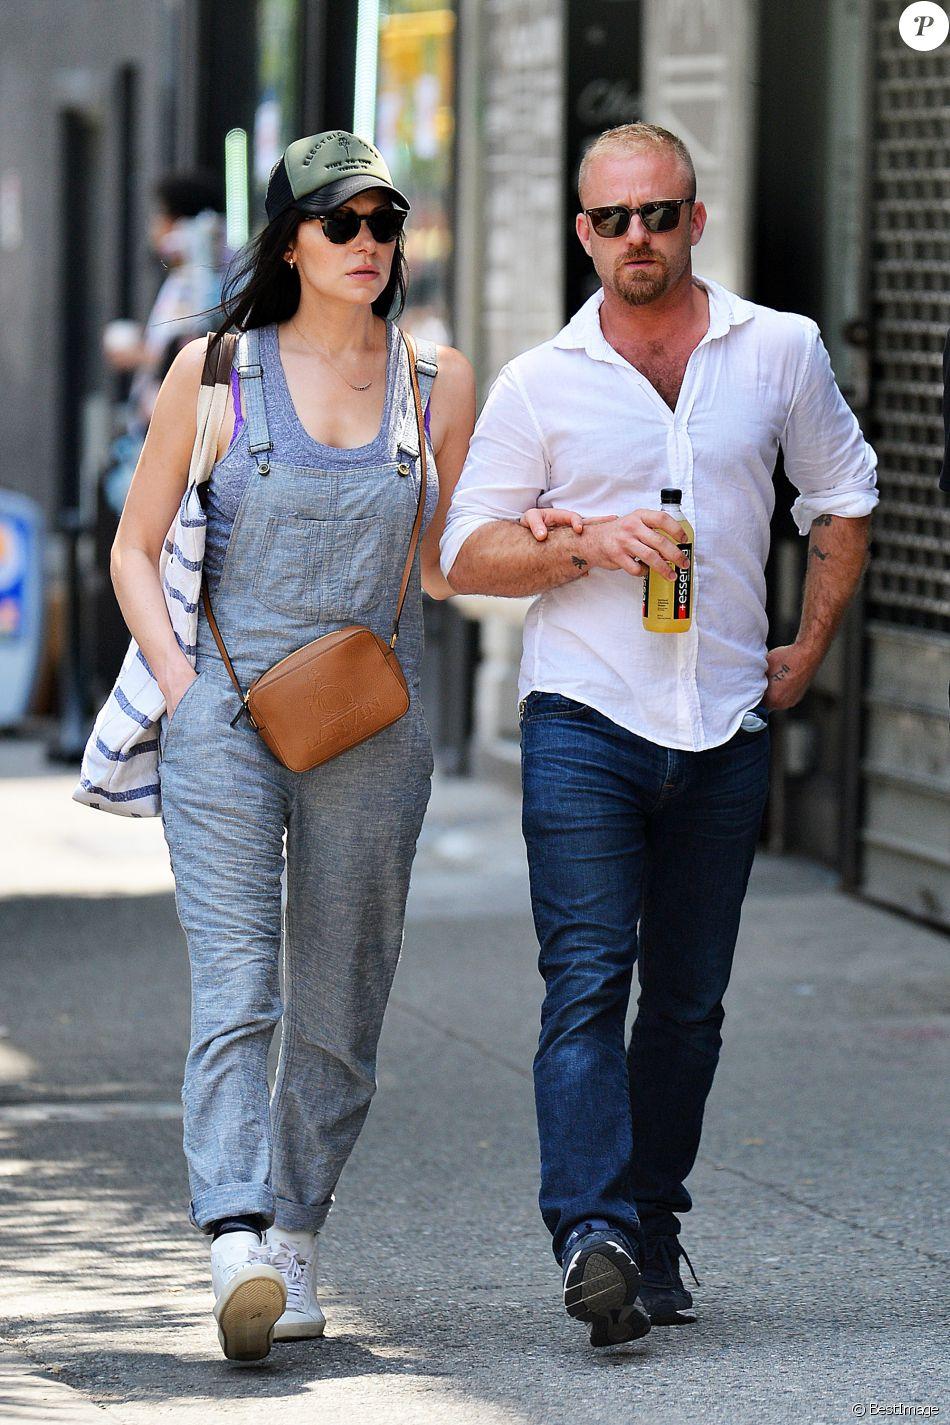 Exclusif - Laura Prepon se promène avec Ben Foster dans le quartier de Soho à New York le 16 juillet 2016.